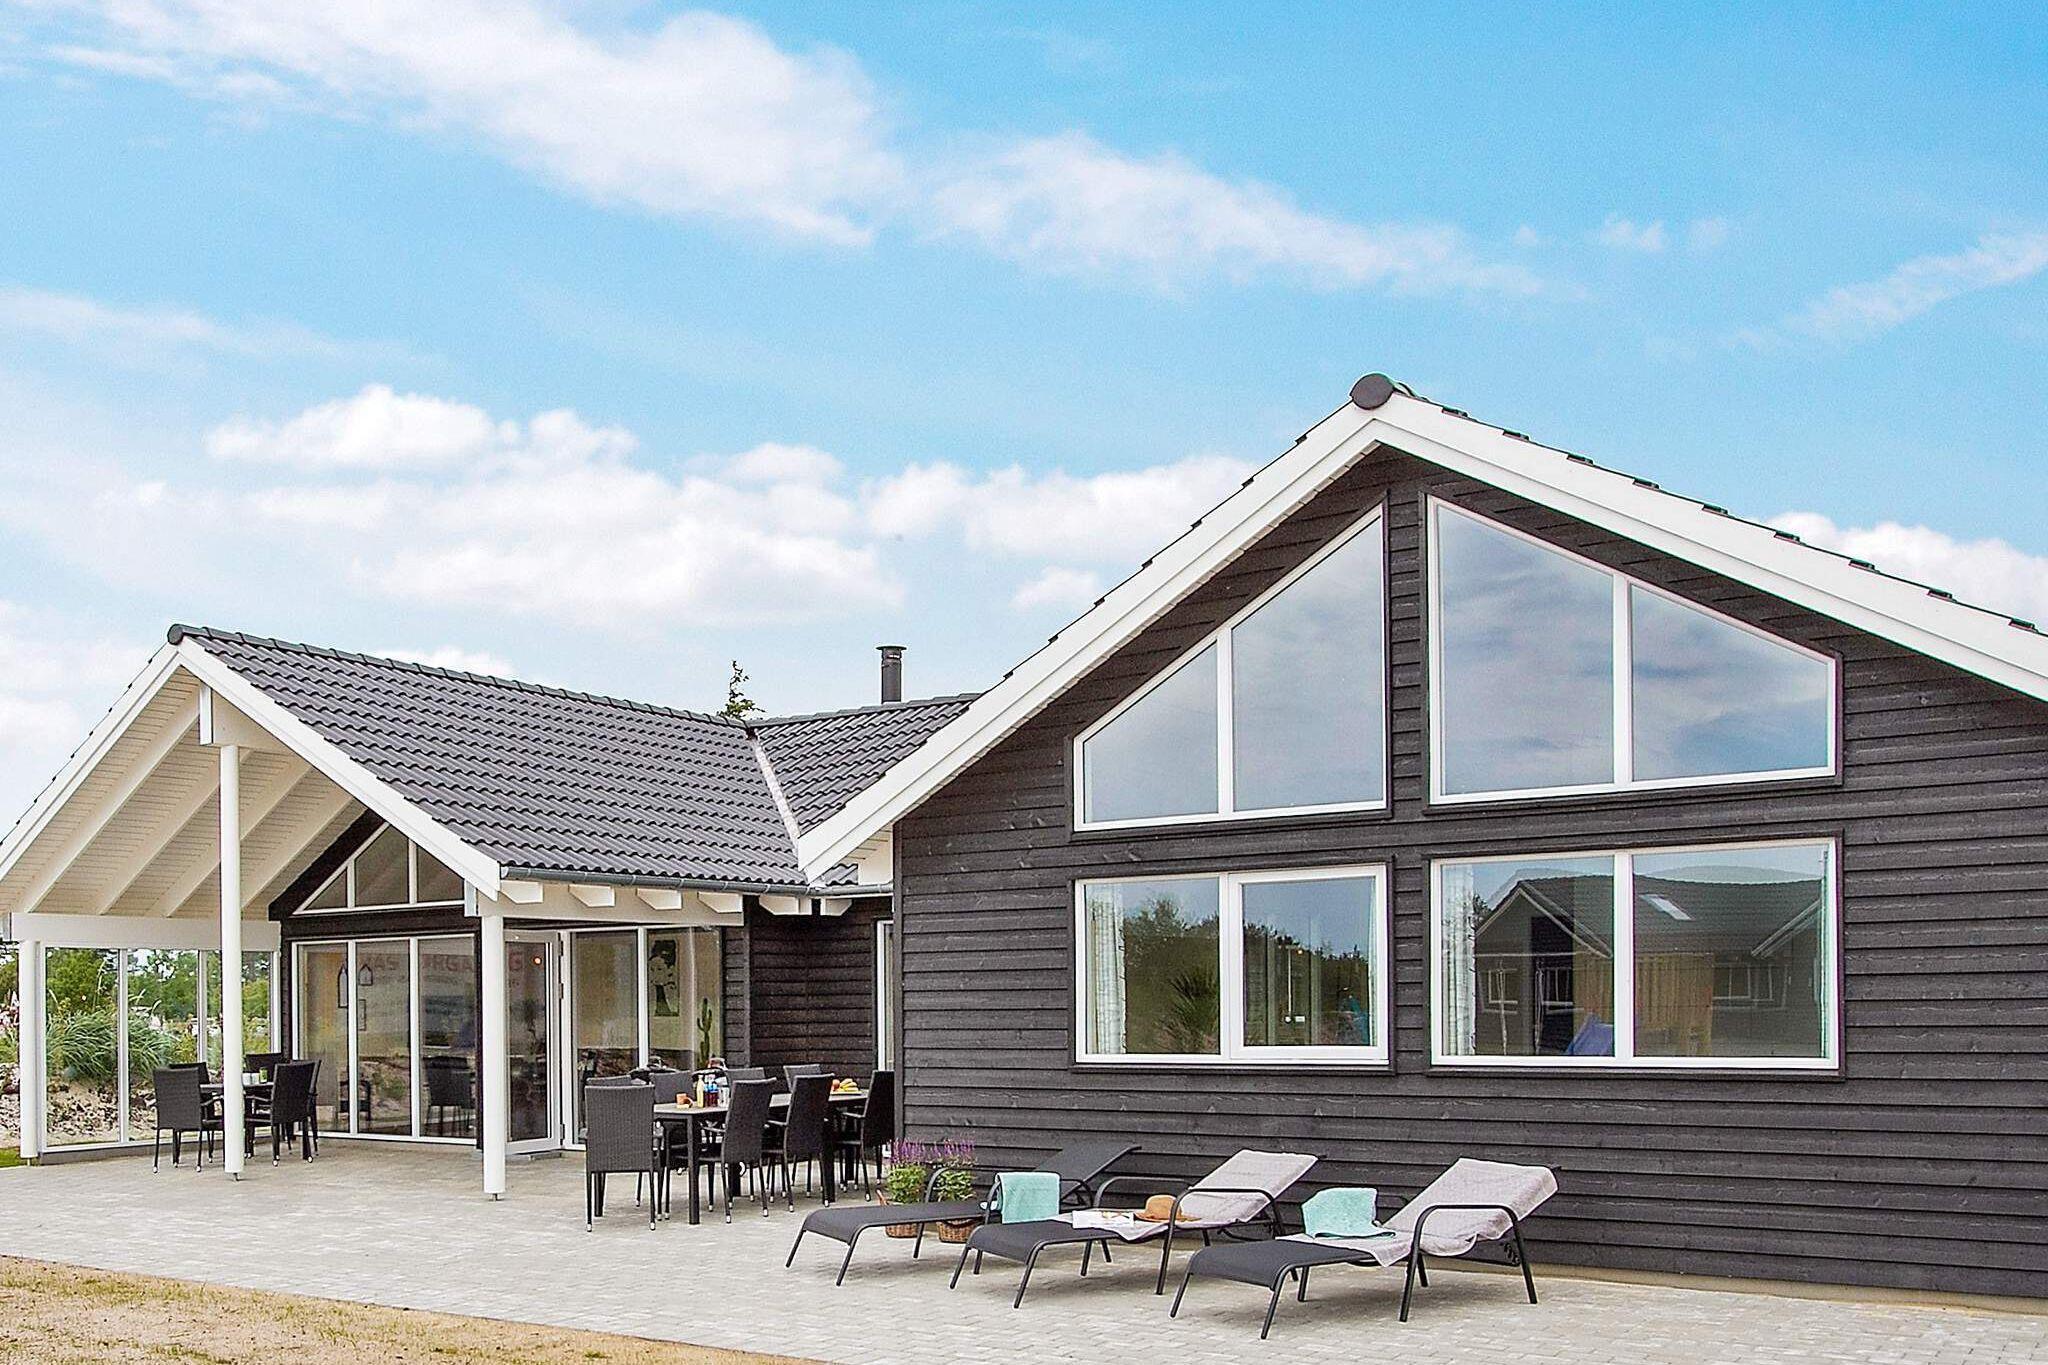 Ferienhaus in Blavand für 18 Personen